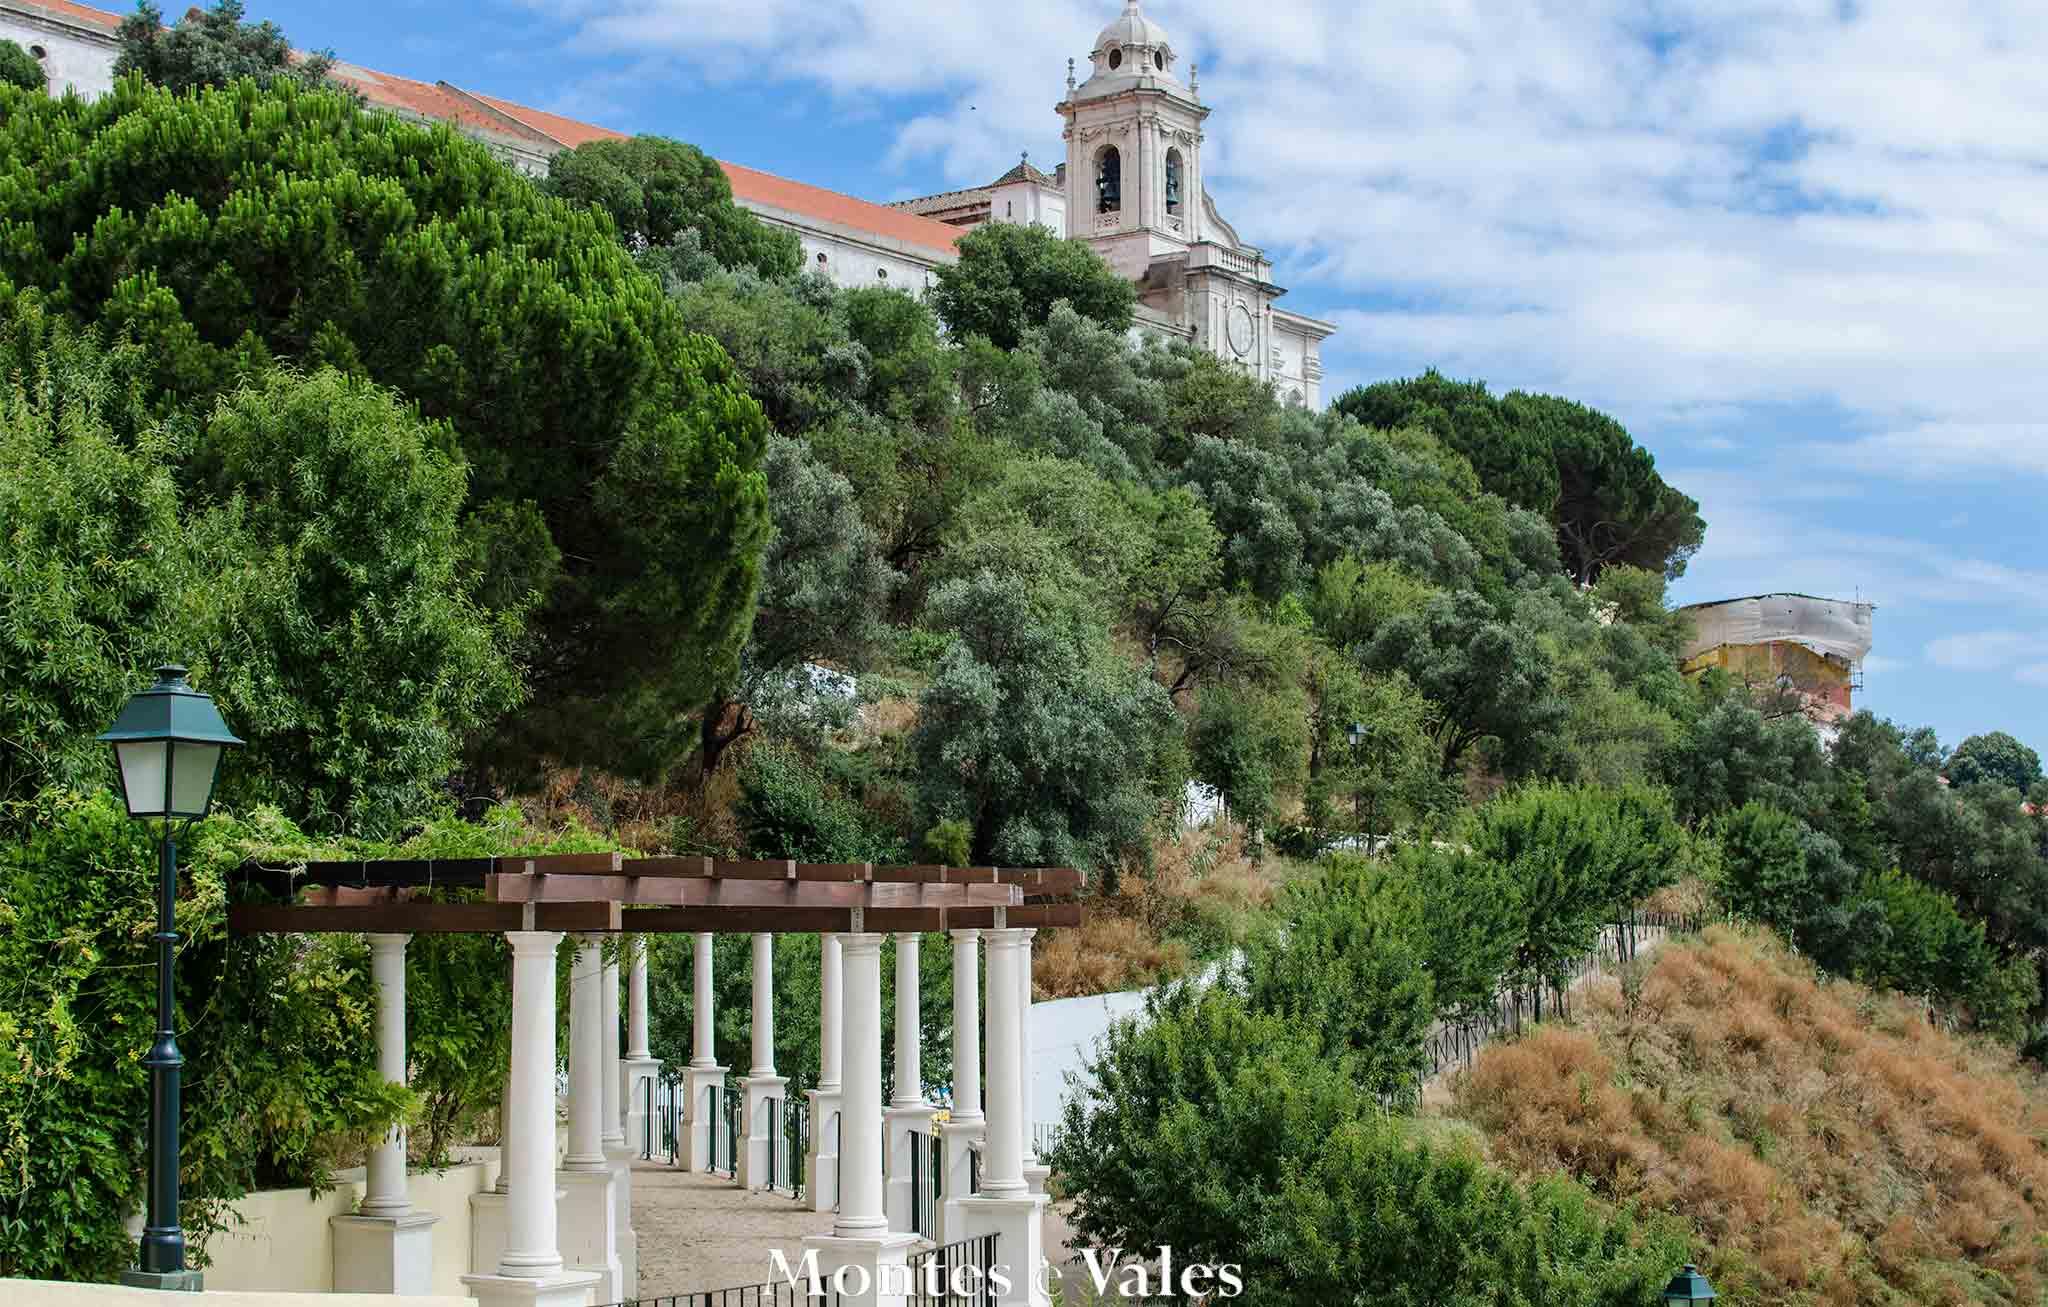 Jardins de Lisboa - Peddy Paper